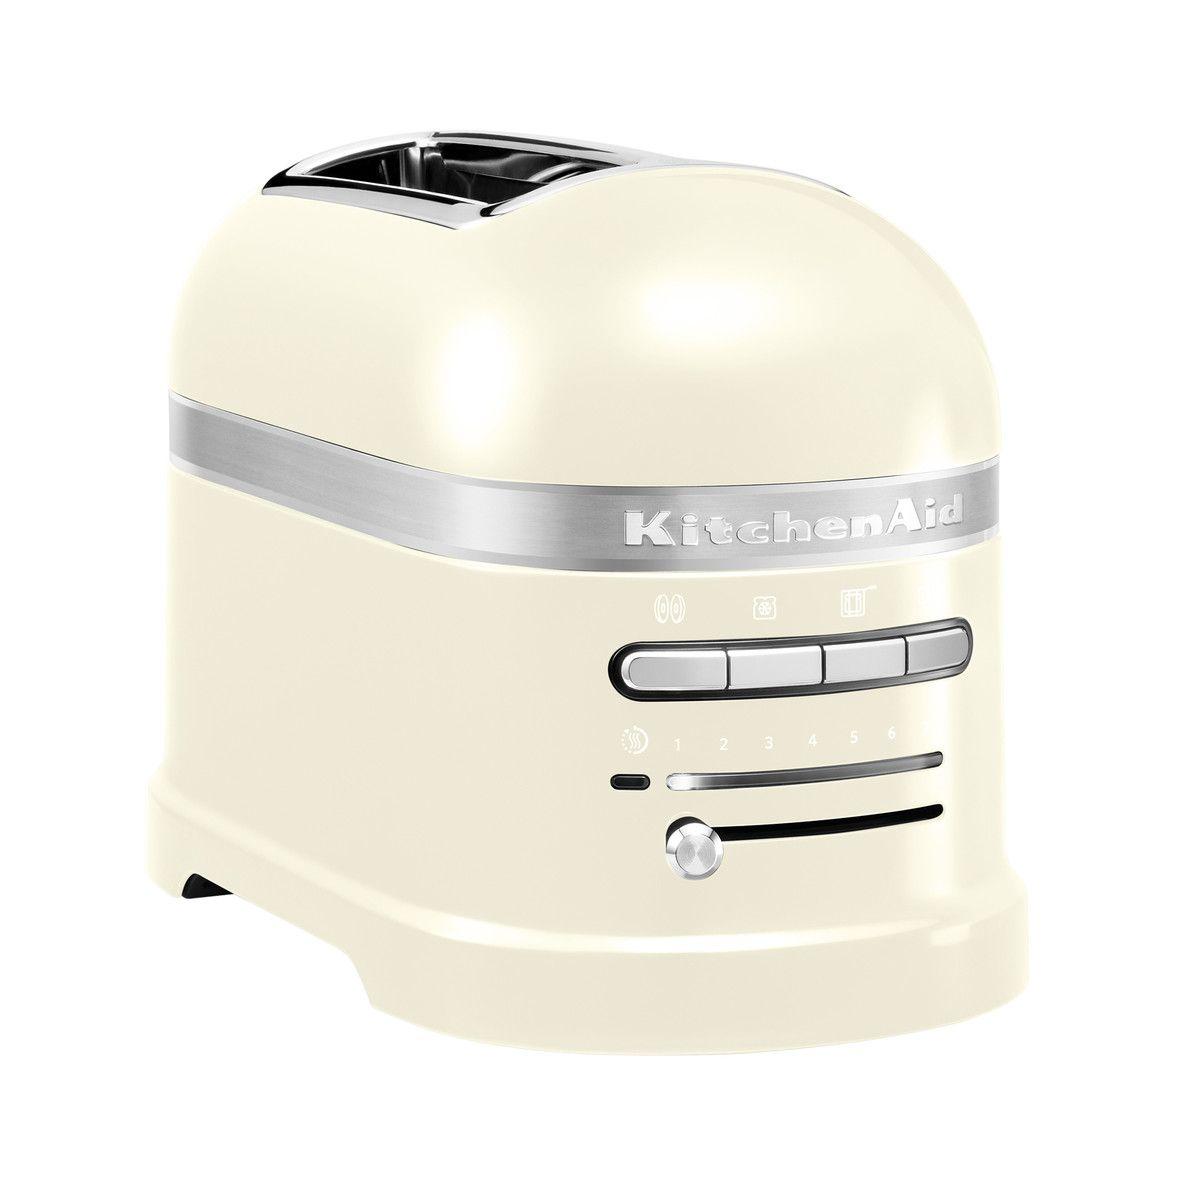 Artisan Toaster 5KMT2204E von KitchenAid